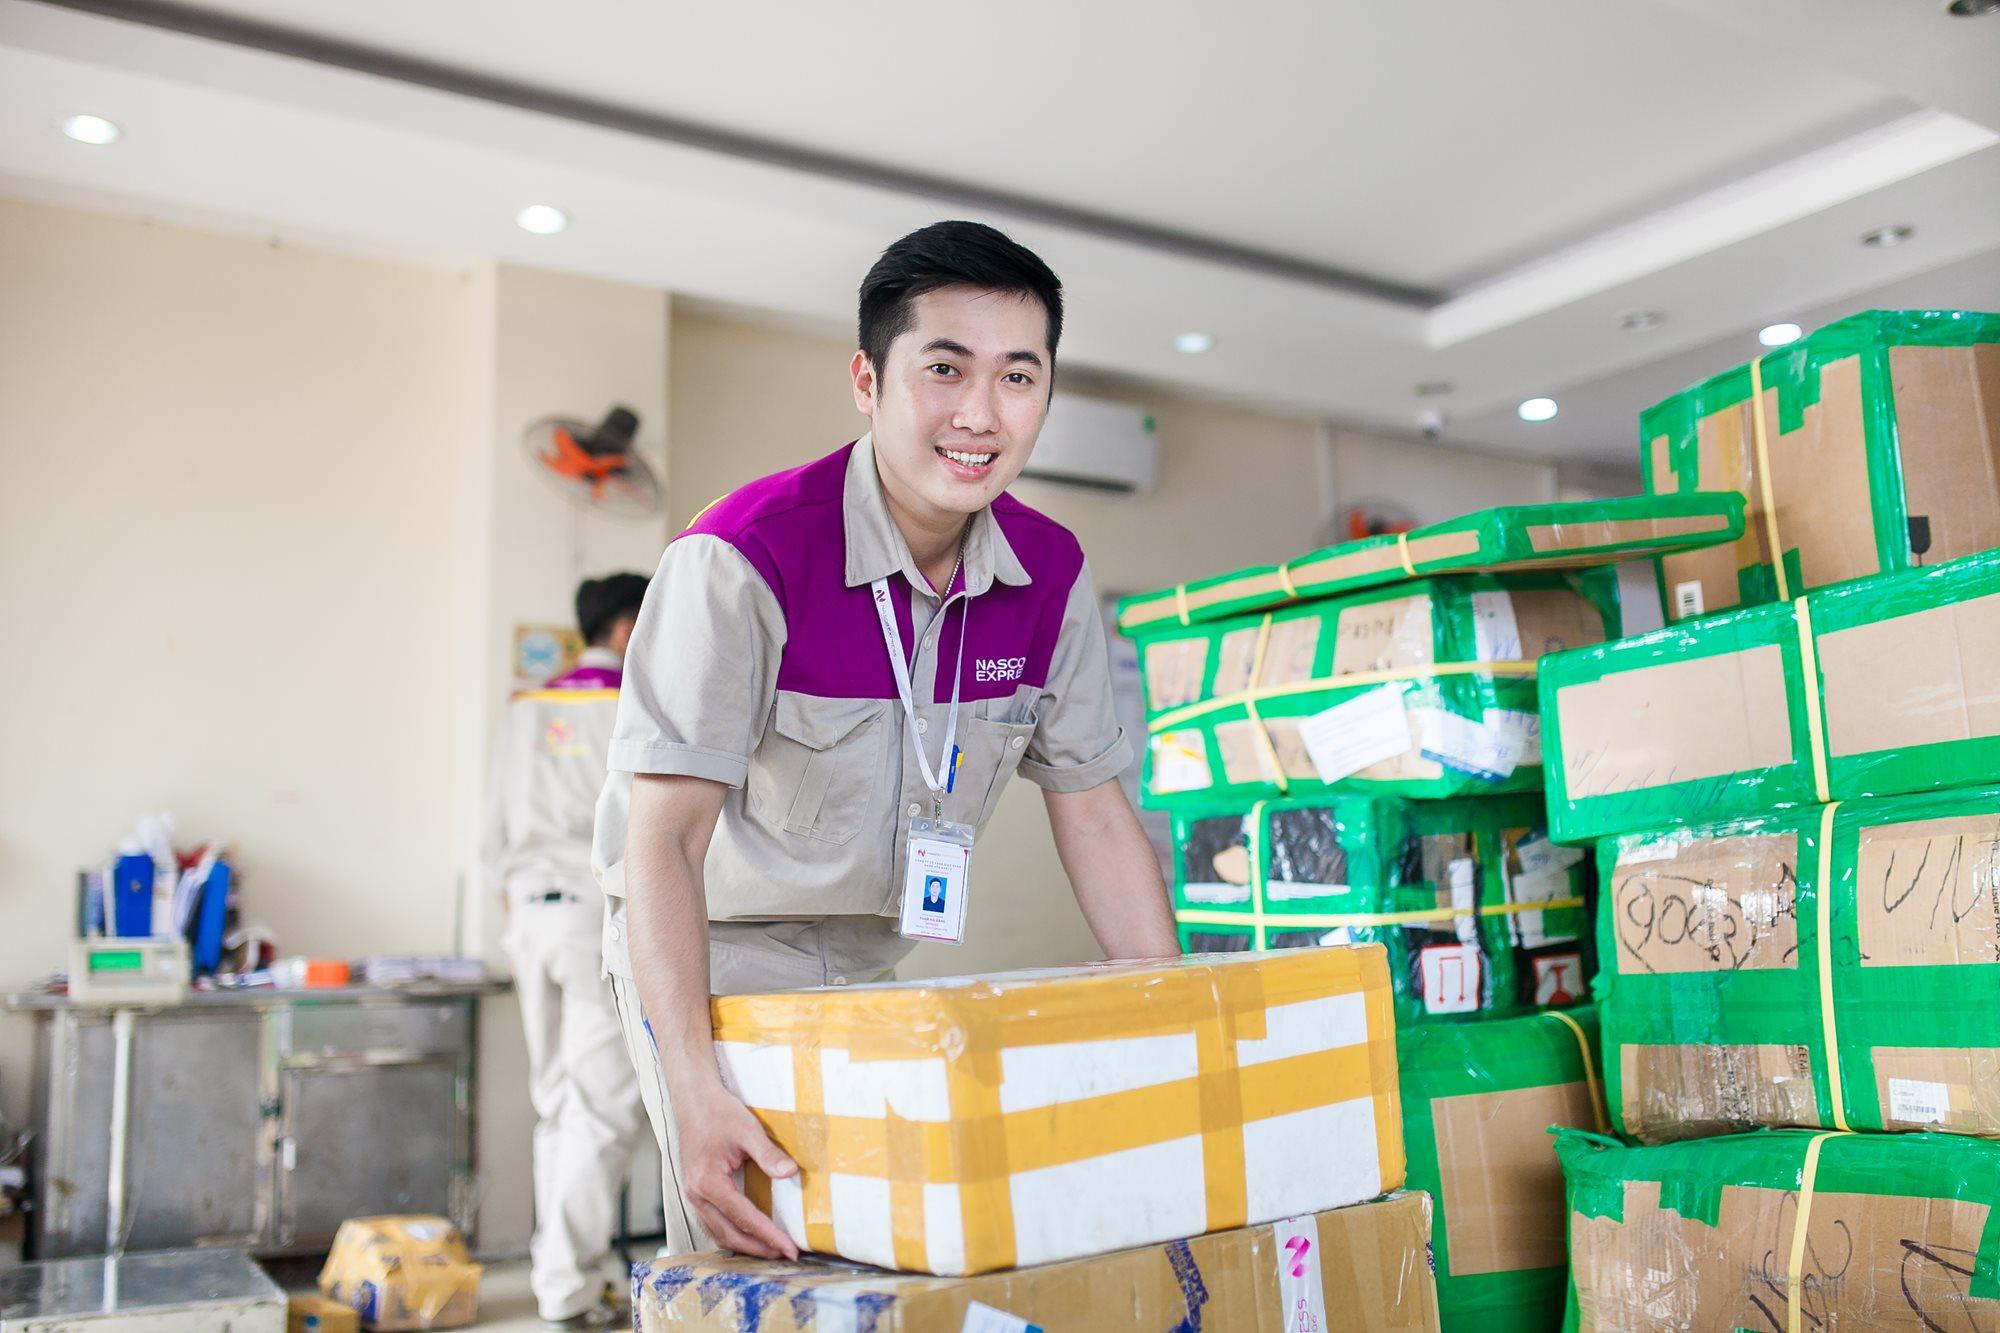 Áo bảo hộ đồng phục nhân viên Dịch Vụ Chuyển Phát Nhanh Nasco ở Hà Nội 24